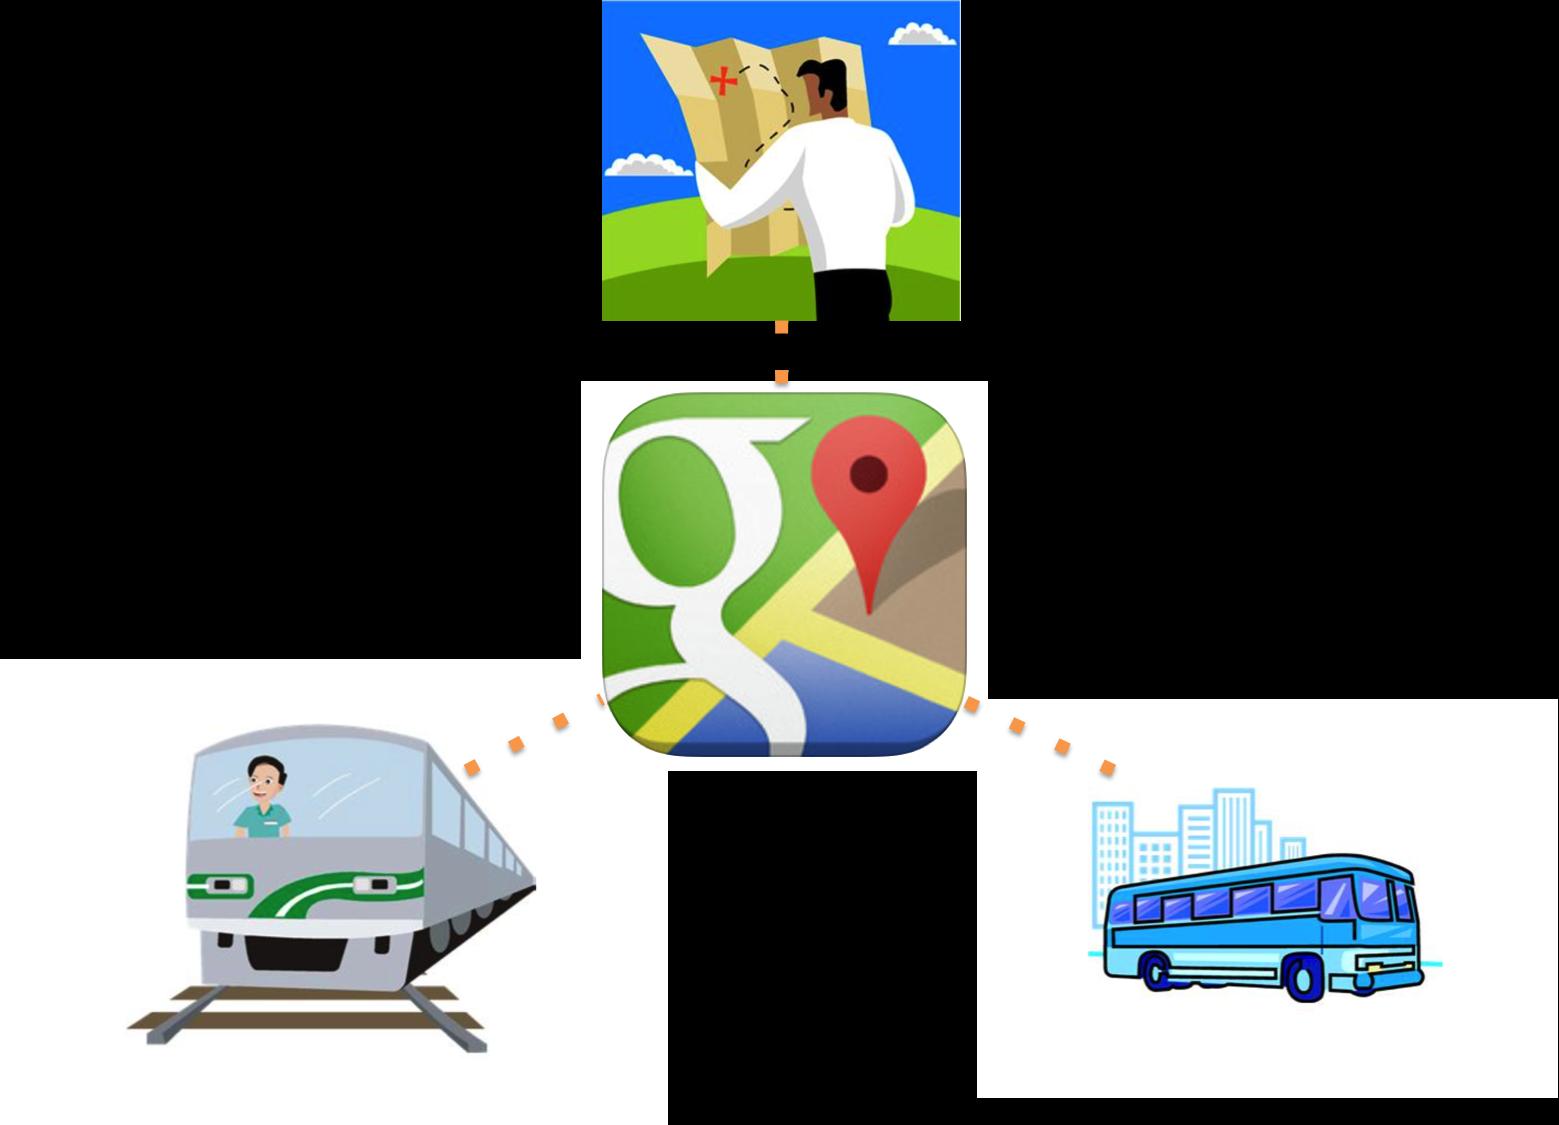 Google Mapsで電車やバスの乗り換え検索が出来ることを今、知りました